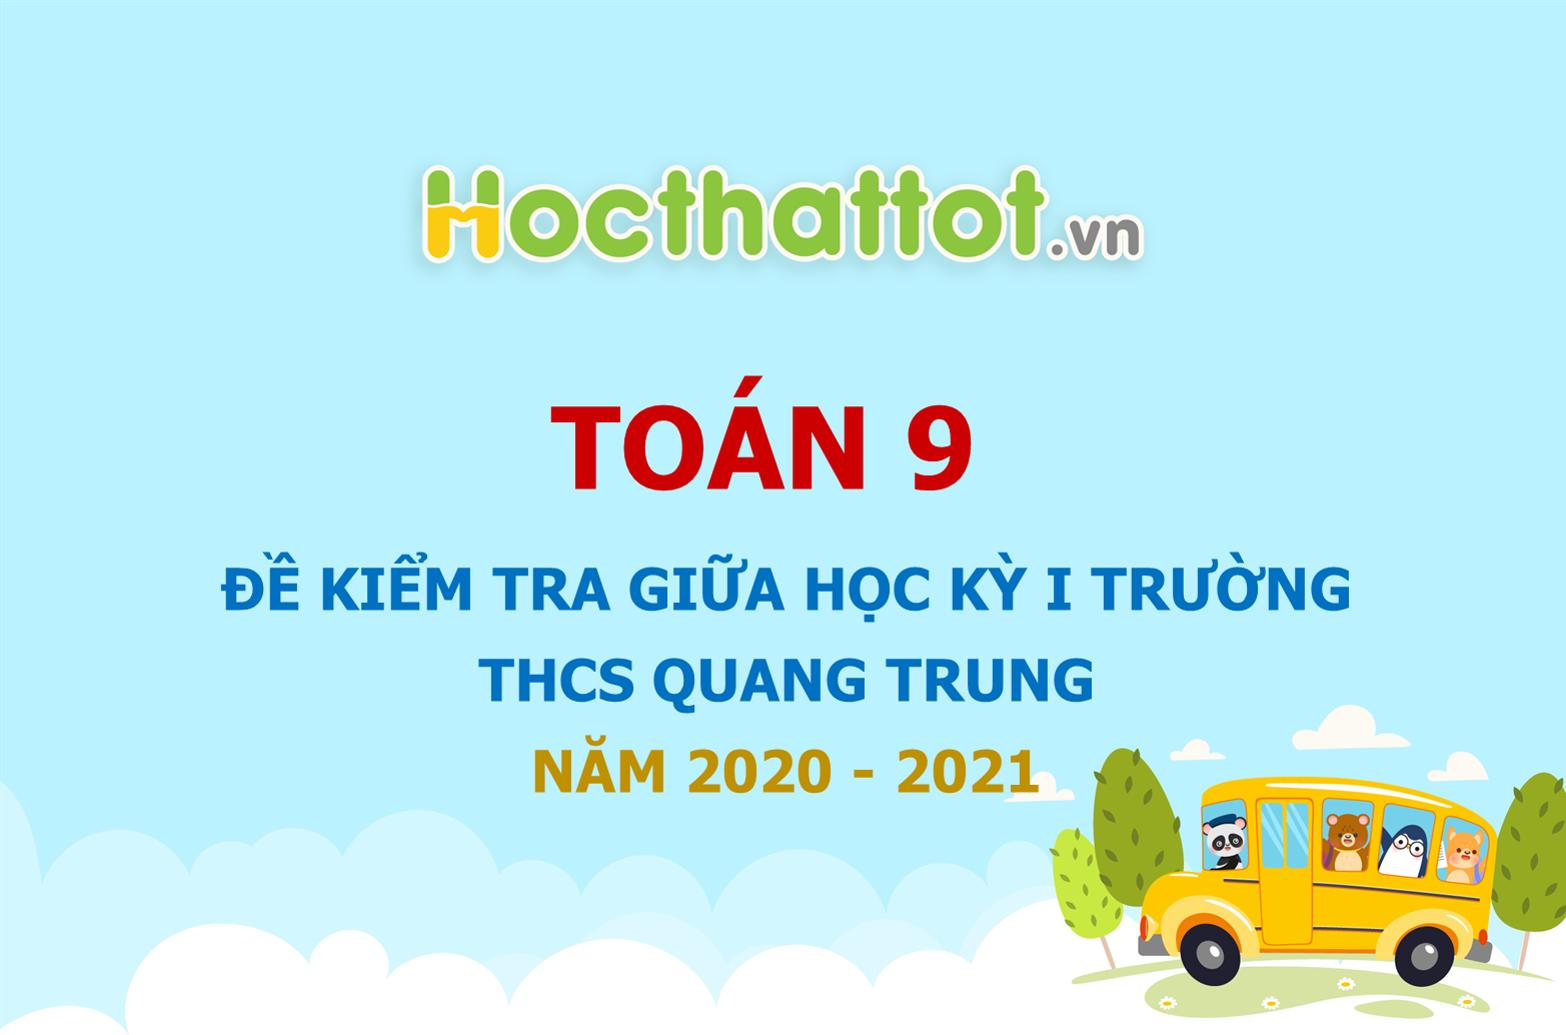 de-kiem-tra-giua-hoc-ky-1-lop-9-truong-THCS-Quang-Trung-nam-2020-2021